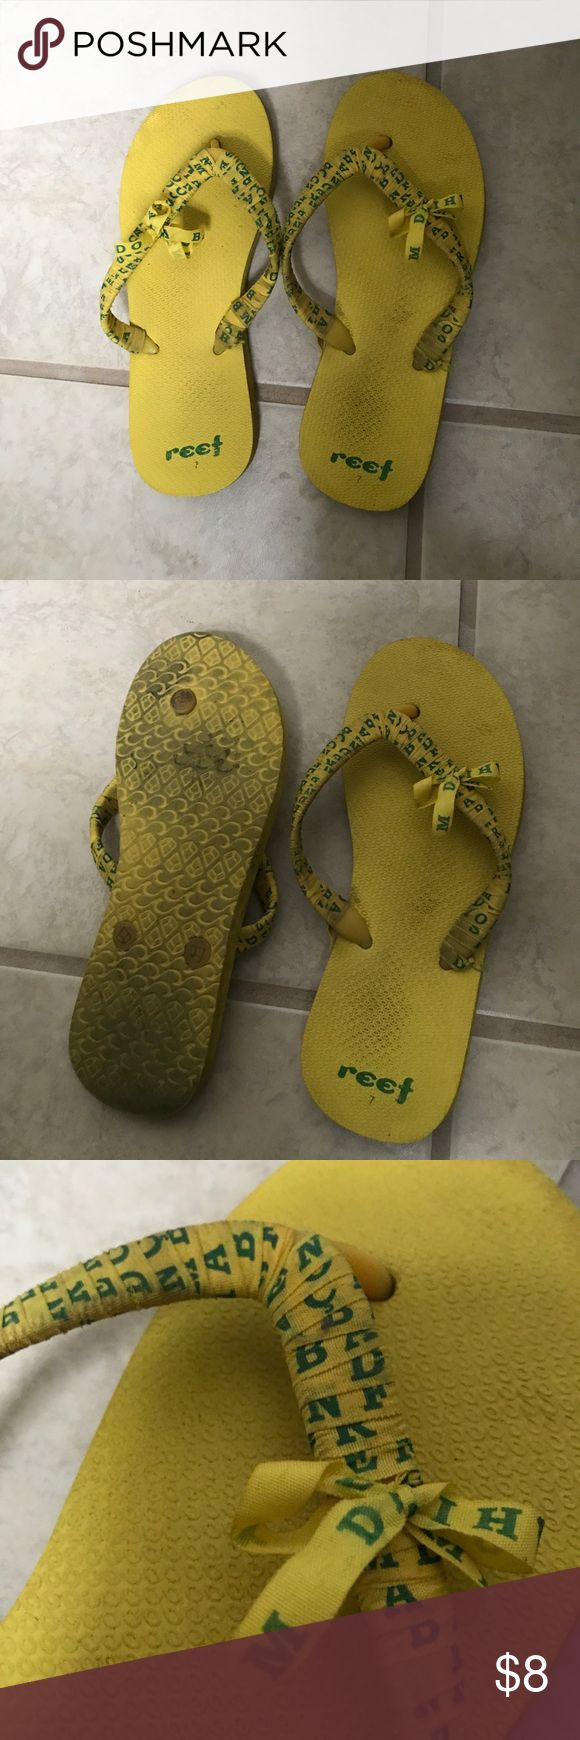 Reef Flip Flops Slightly worn Reef flip flops, still have life left in them.  Make an offer! ✨ Reef Shoes Sandals